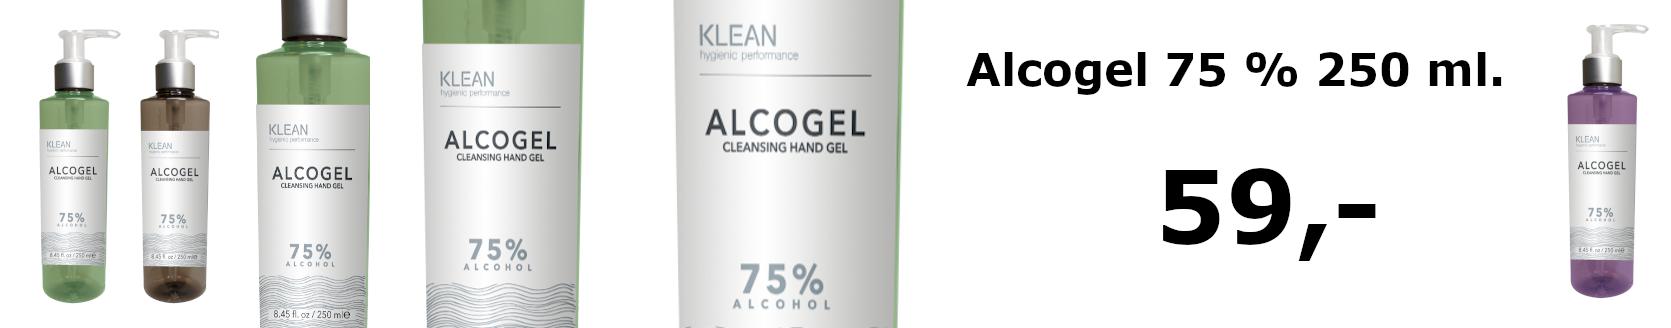 Alcogel 75% Håndsprit